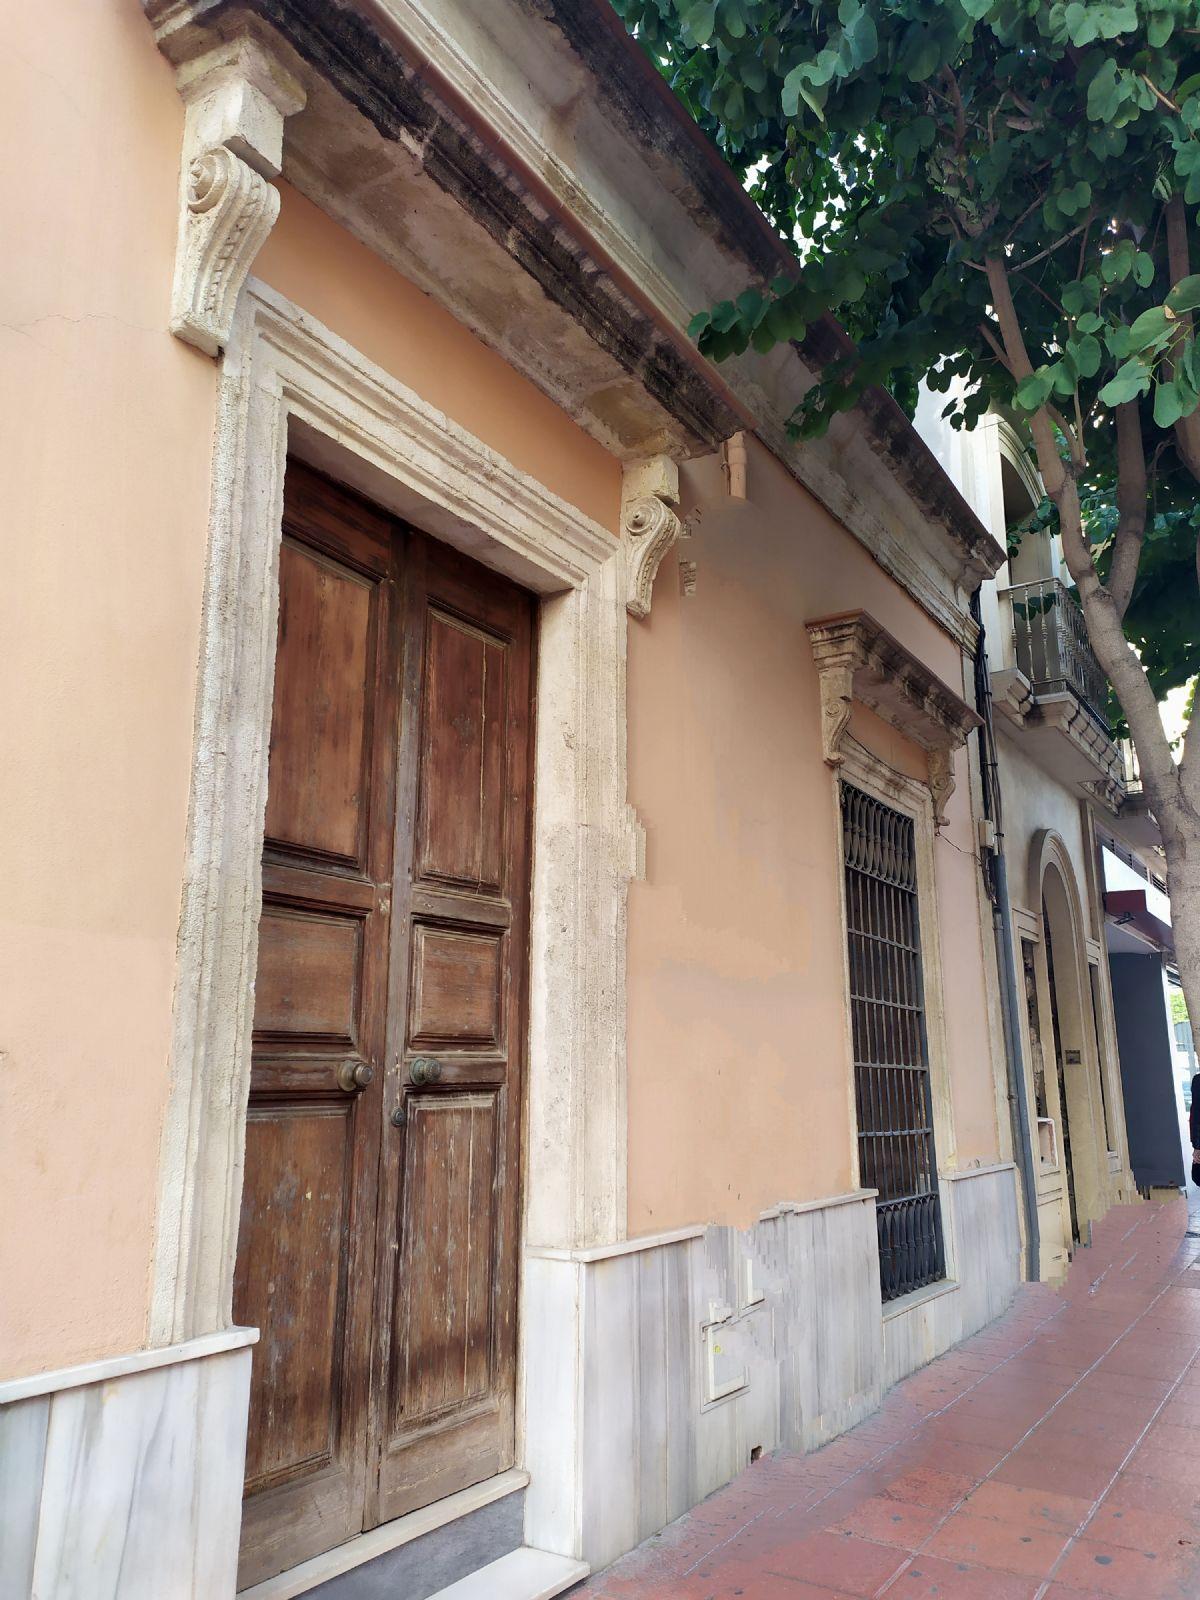 Casa en venta en Centro, Almería, Almería, Calle Granada, 249.000 €, 6 habitaciones, 1 baño, 167 m2